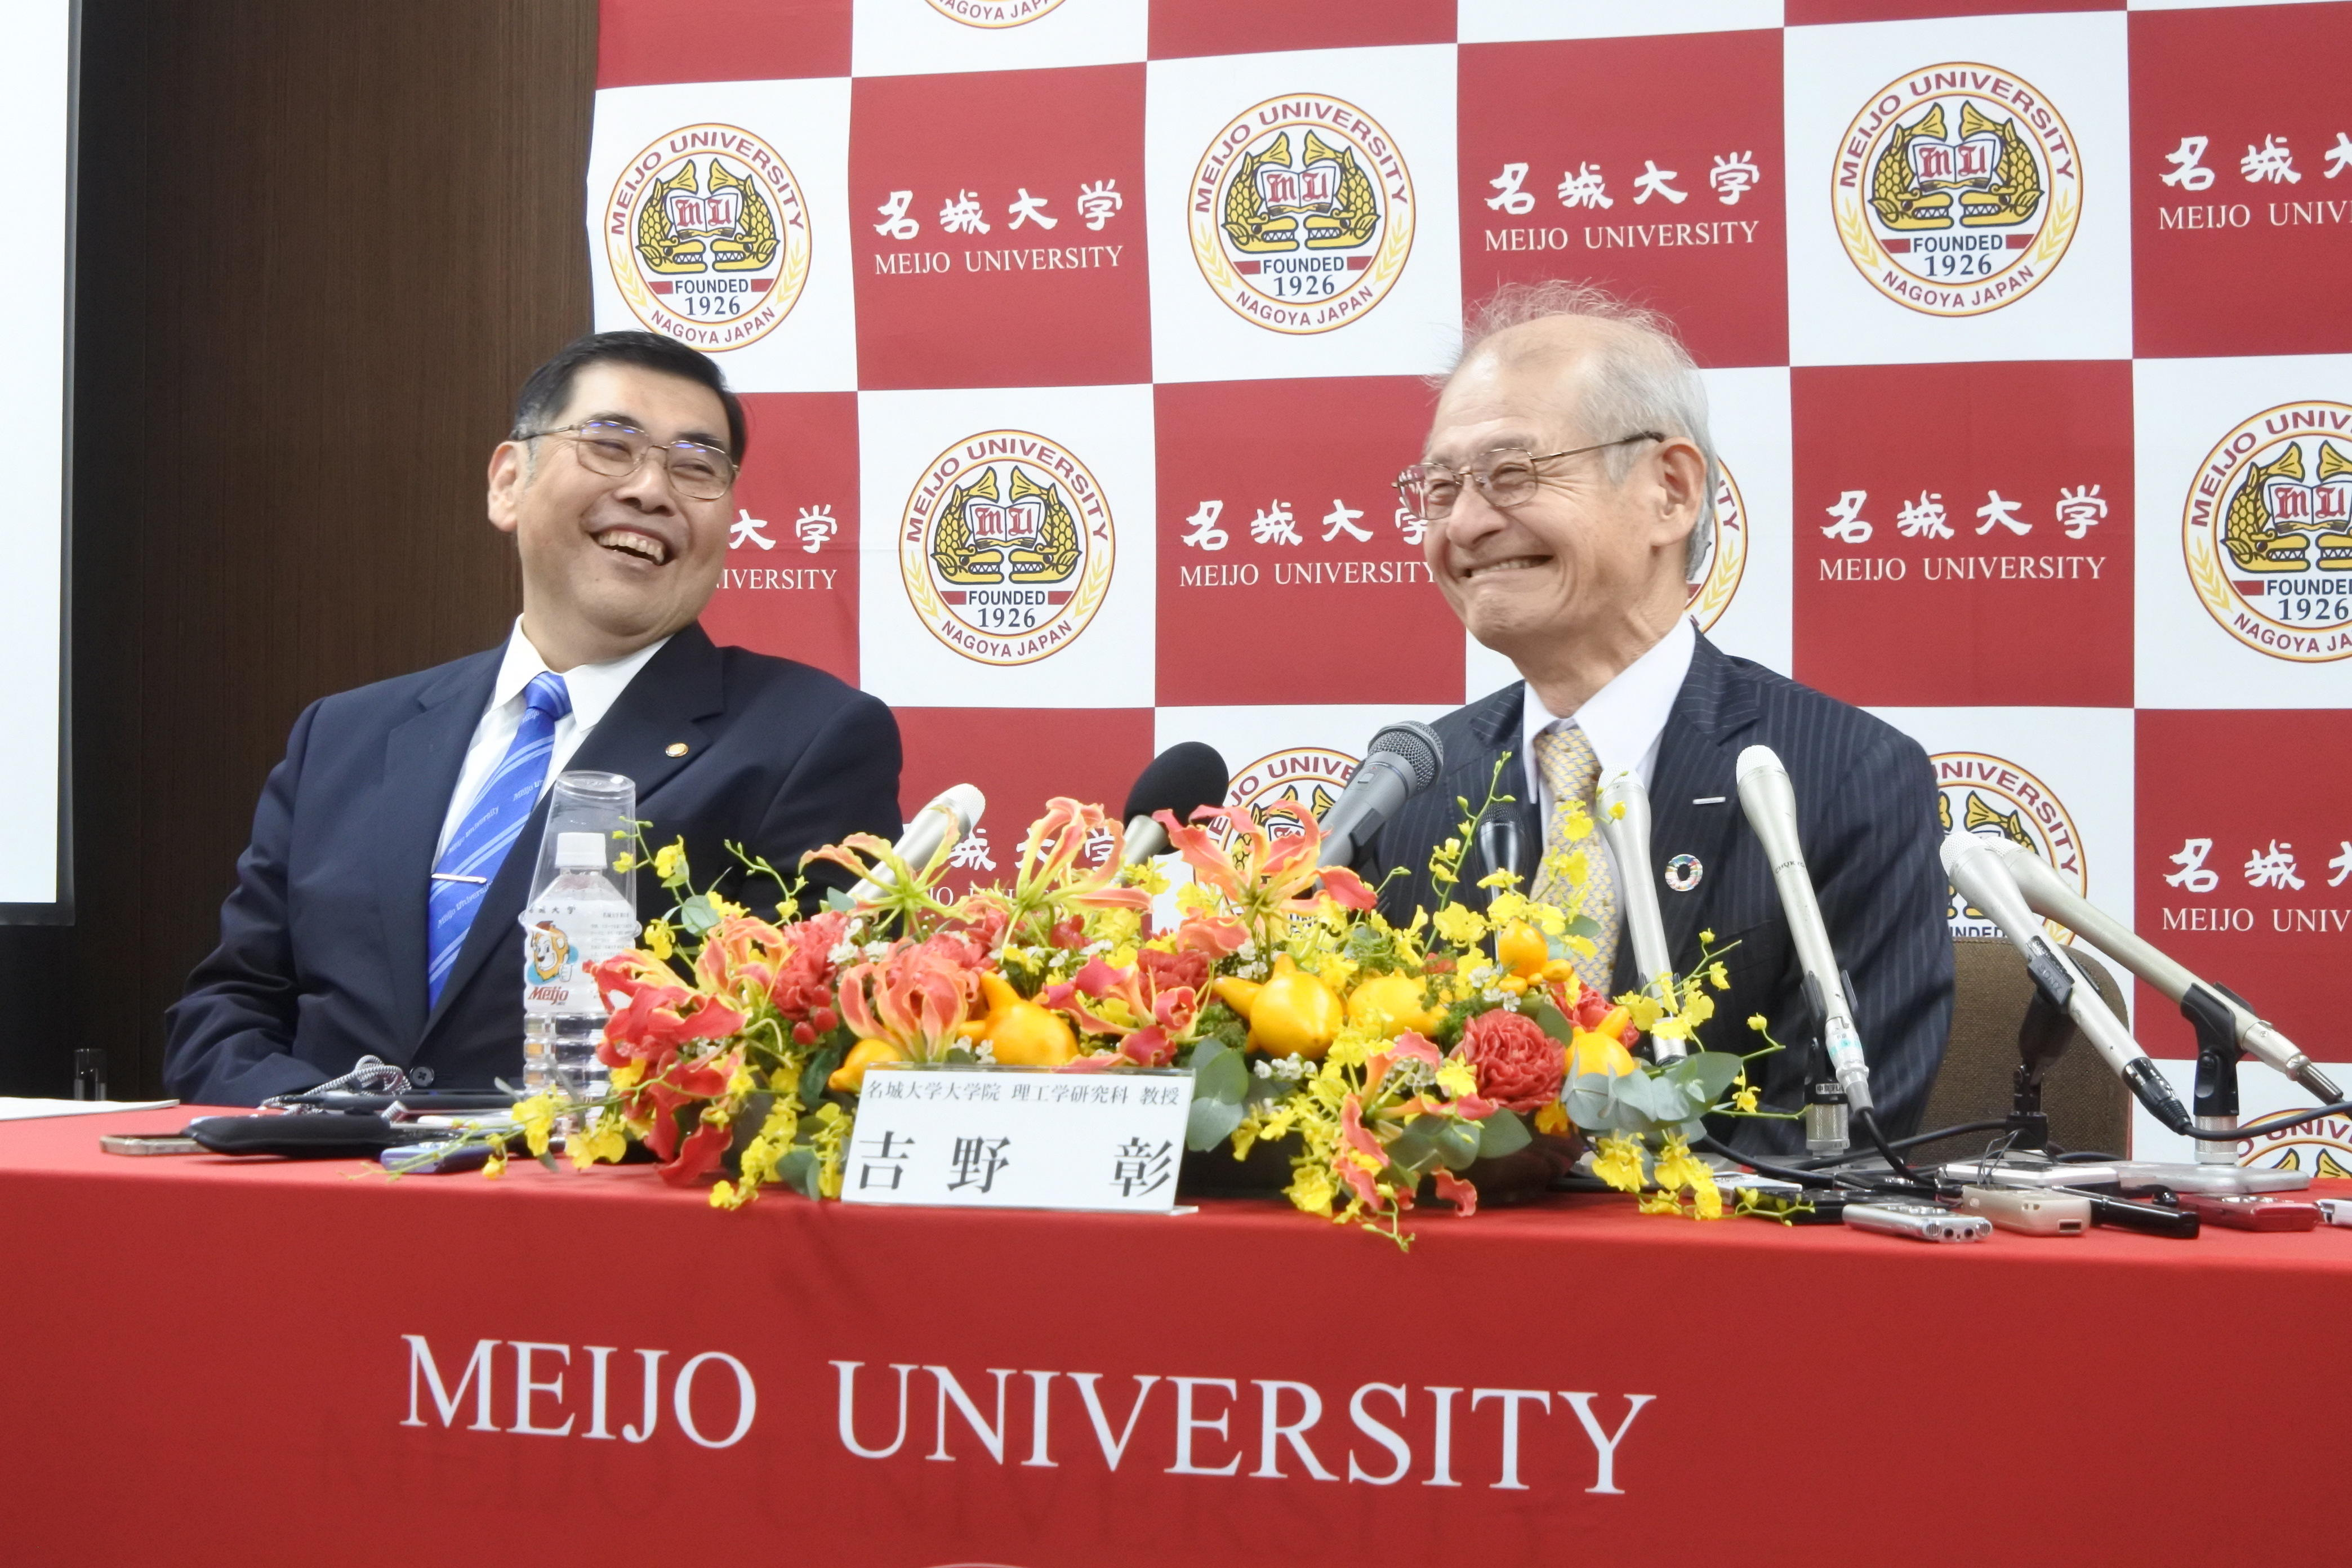 ノーベル化学賞の吉野彰教授が受賞決定後初めて本学で記者会見